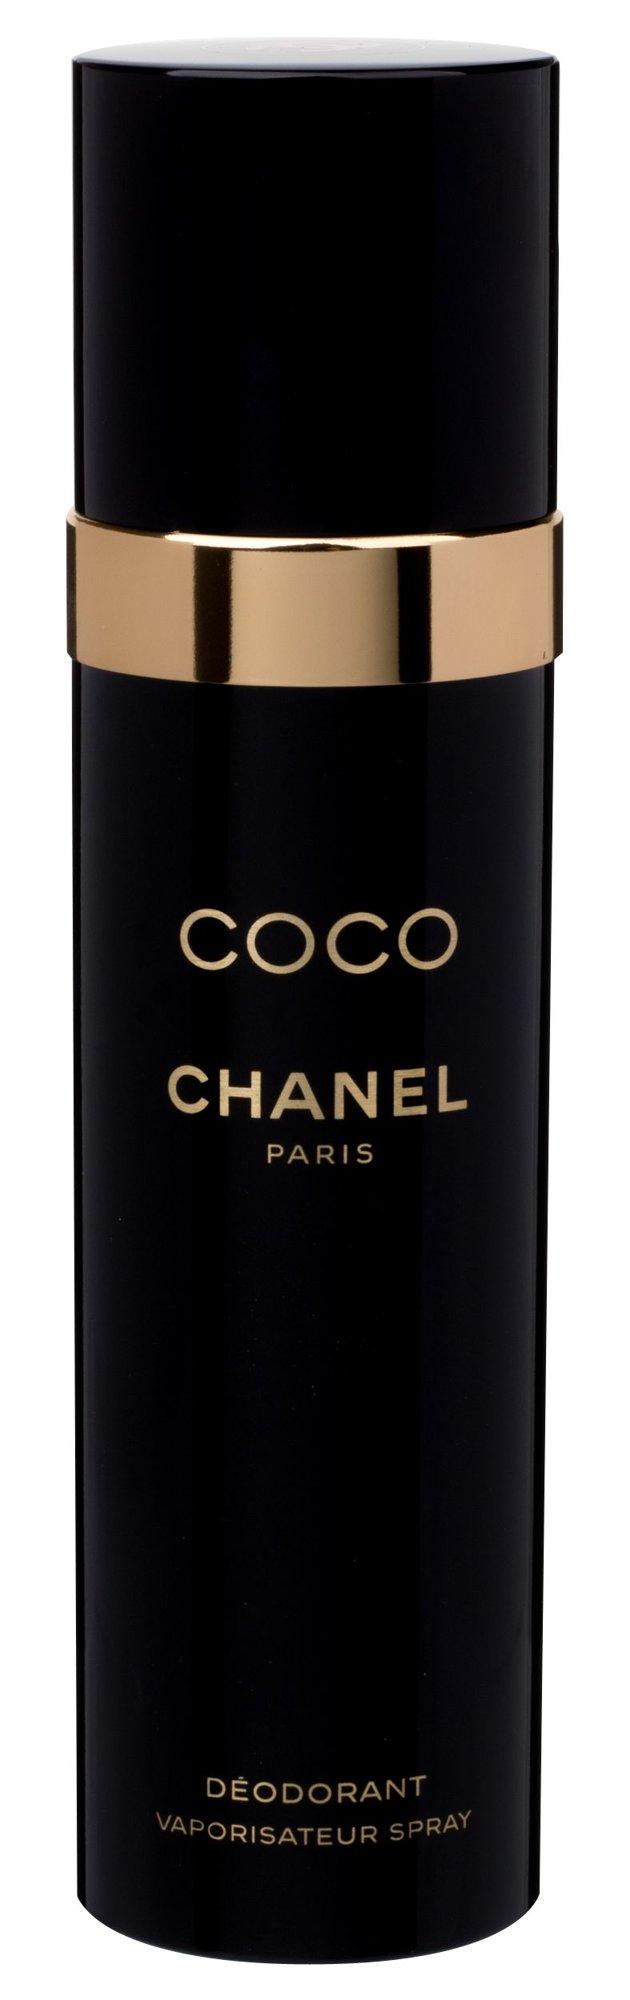 Chanel Coco Deodorant 100ml